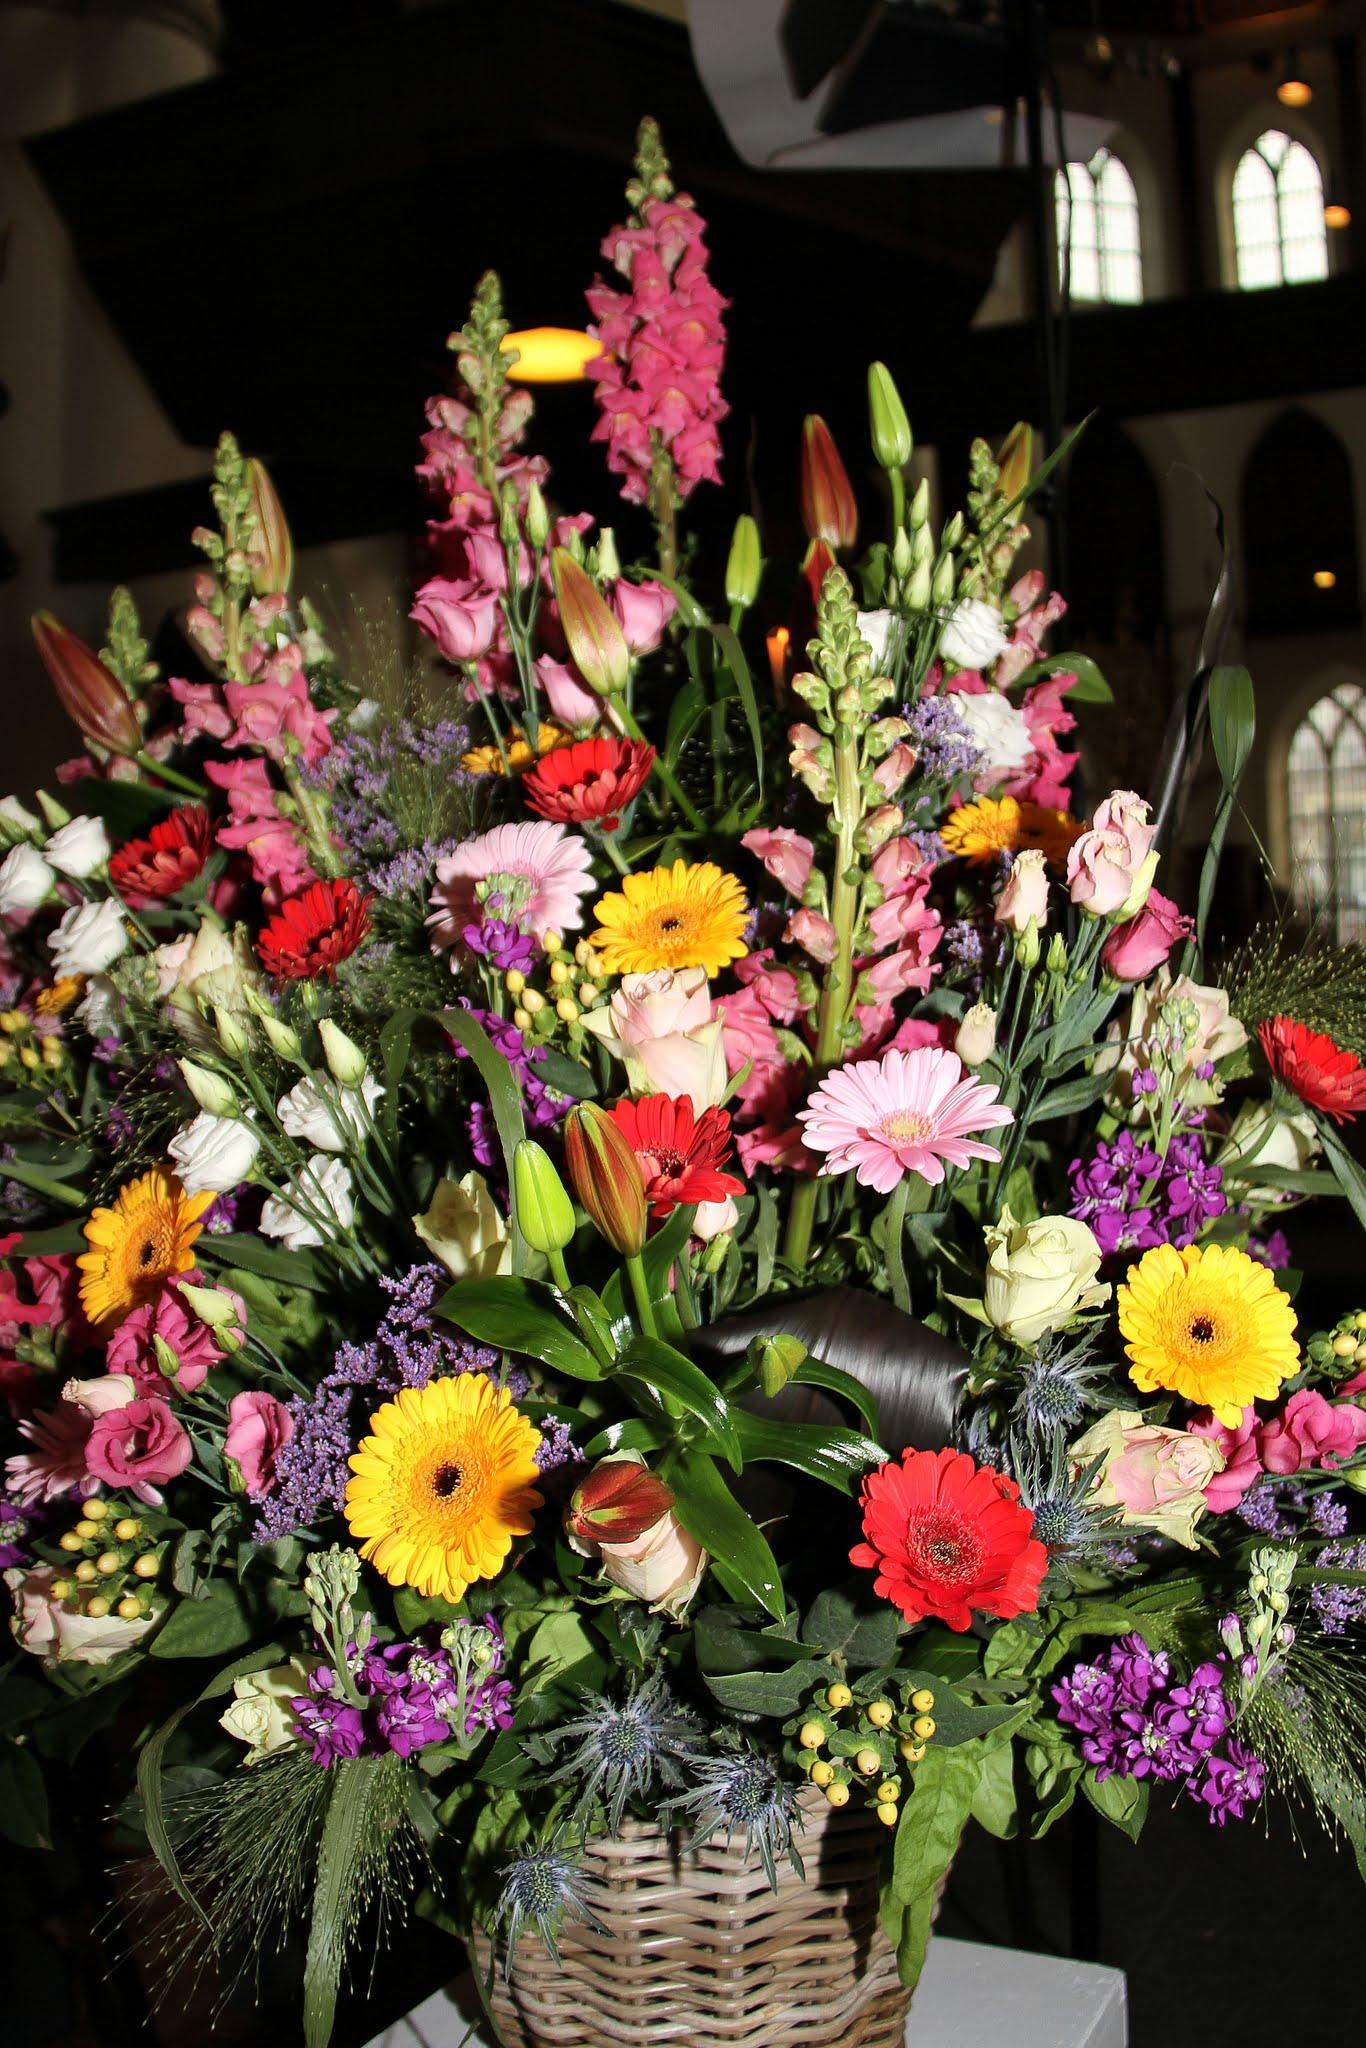 Photo: Al prachtige bloemstukken zijn gemaakt door Tasja den Hartog